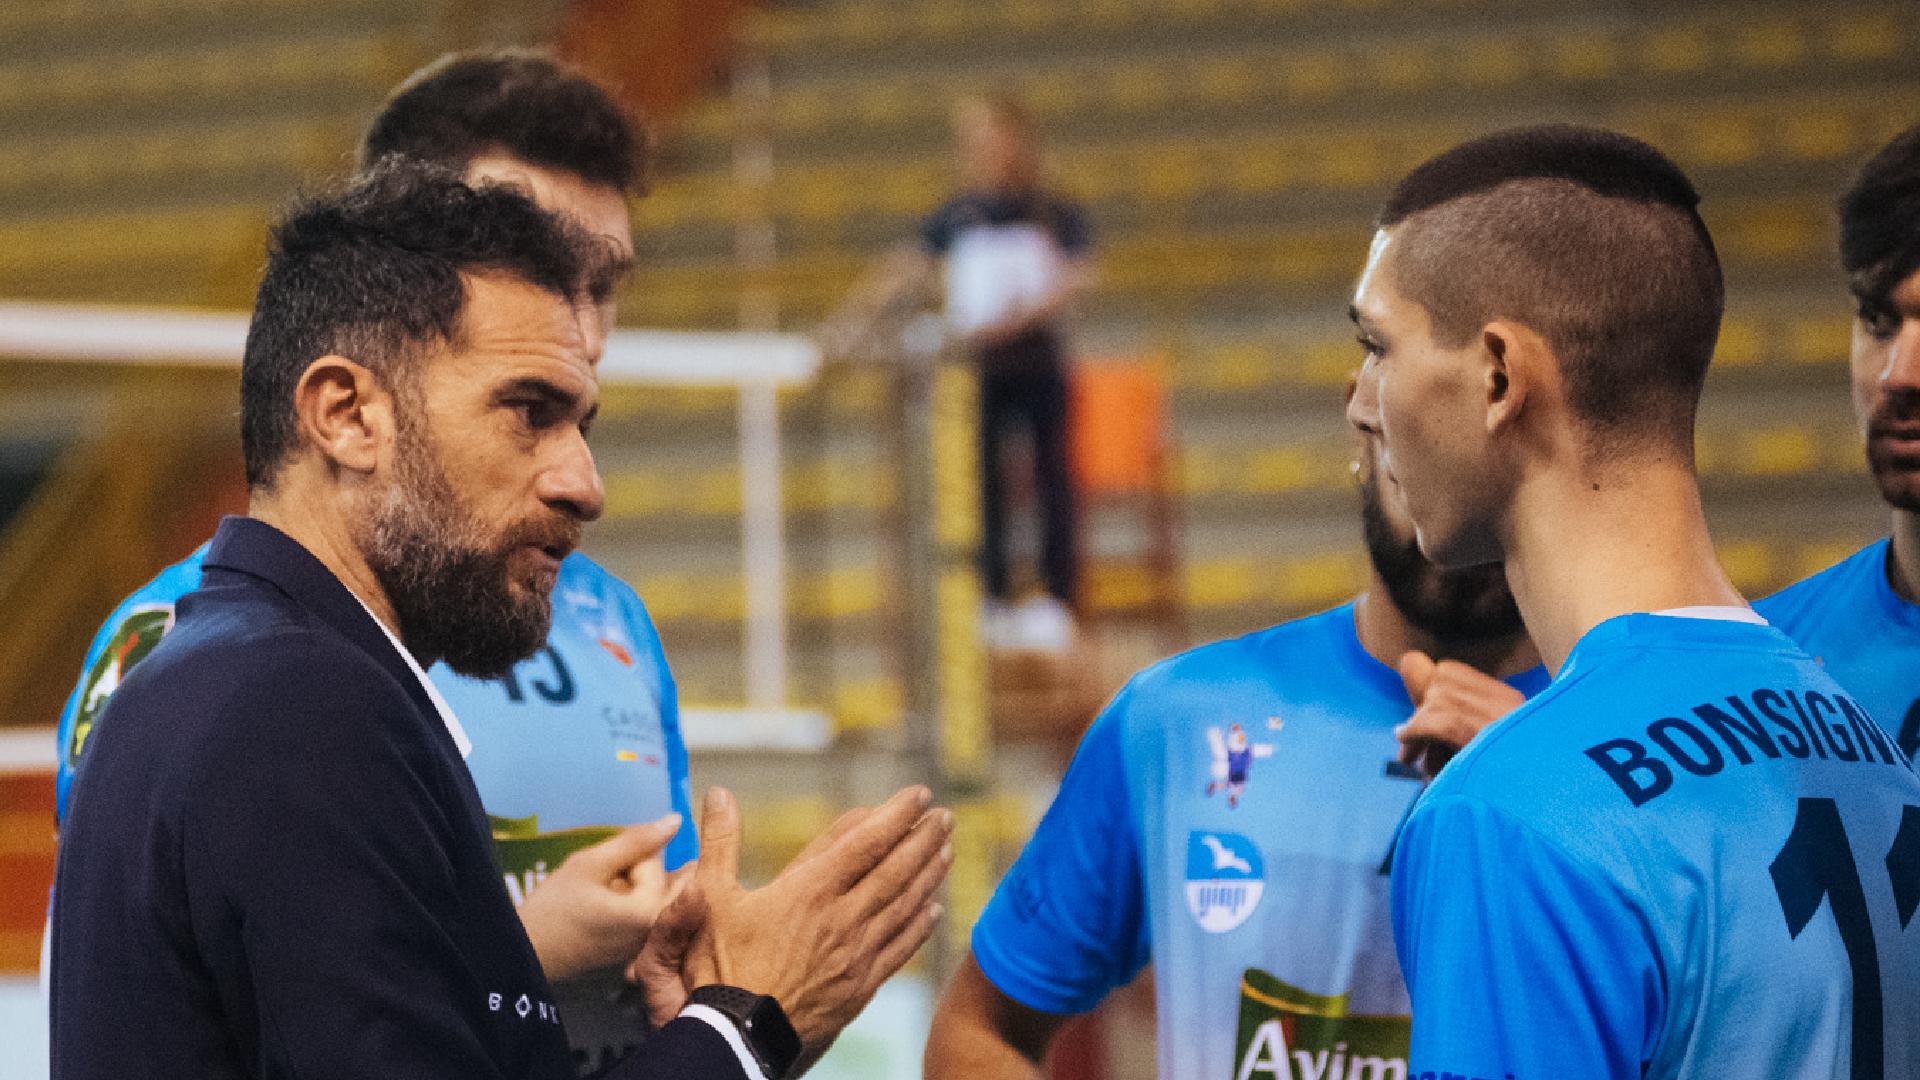 """Avimecc Volley Modica, Bua: """"Felice dell'impegno e della voglia dimostrata dai ragazzi"""""""